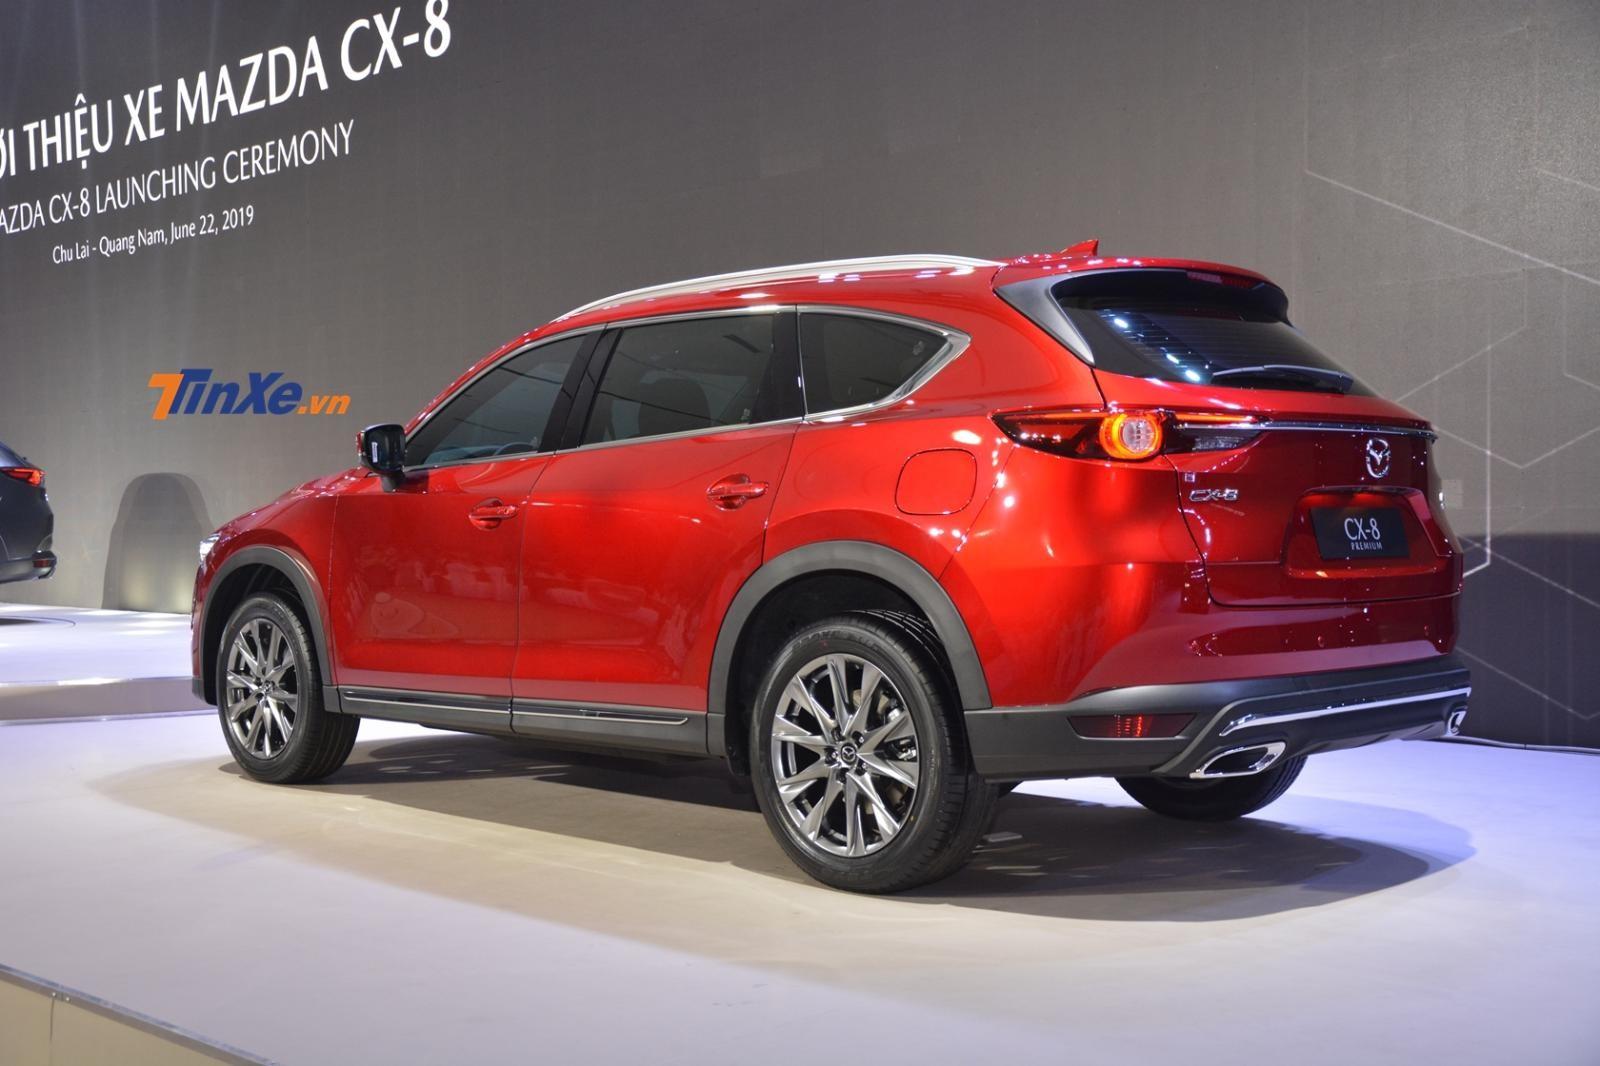 Mazda CX-8 có 3 phiên bản chính, giá từ 1,15 tỷ đồng đến 1,4 tỷ đồng